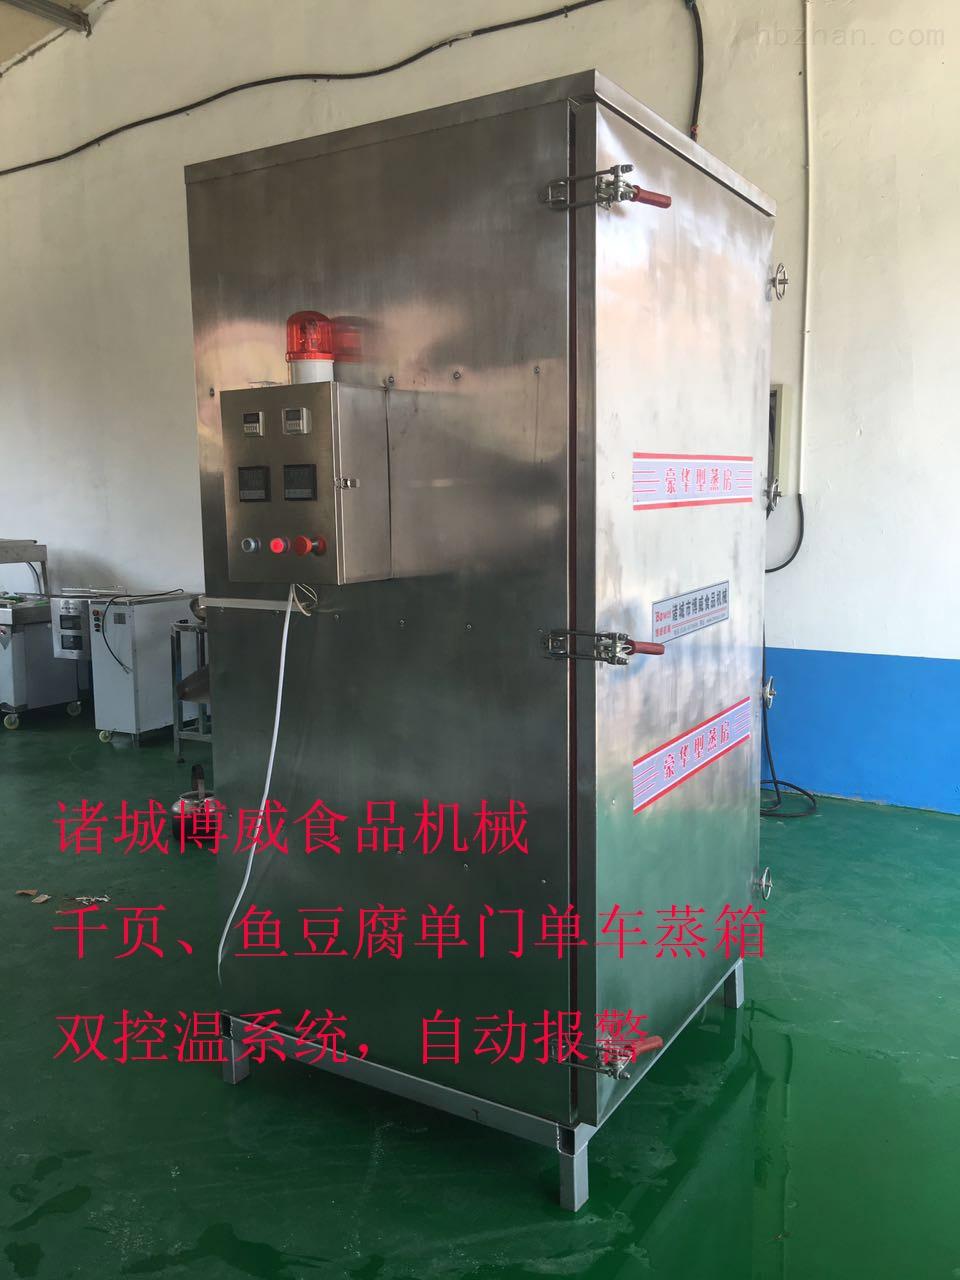 鱼豆腐蒸煮机器